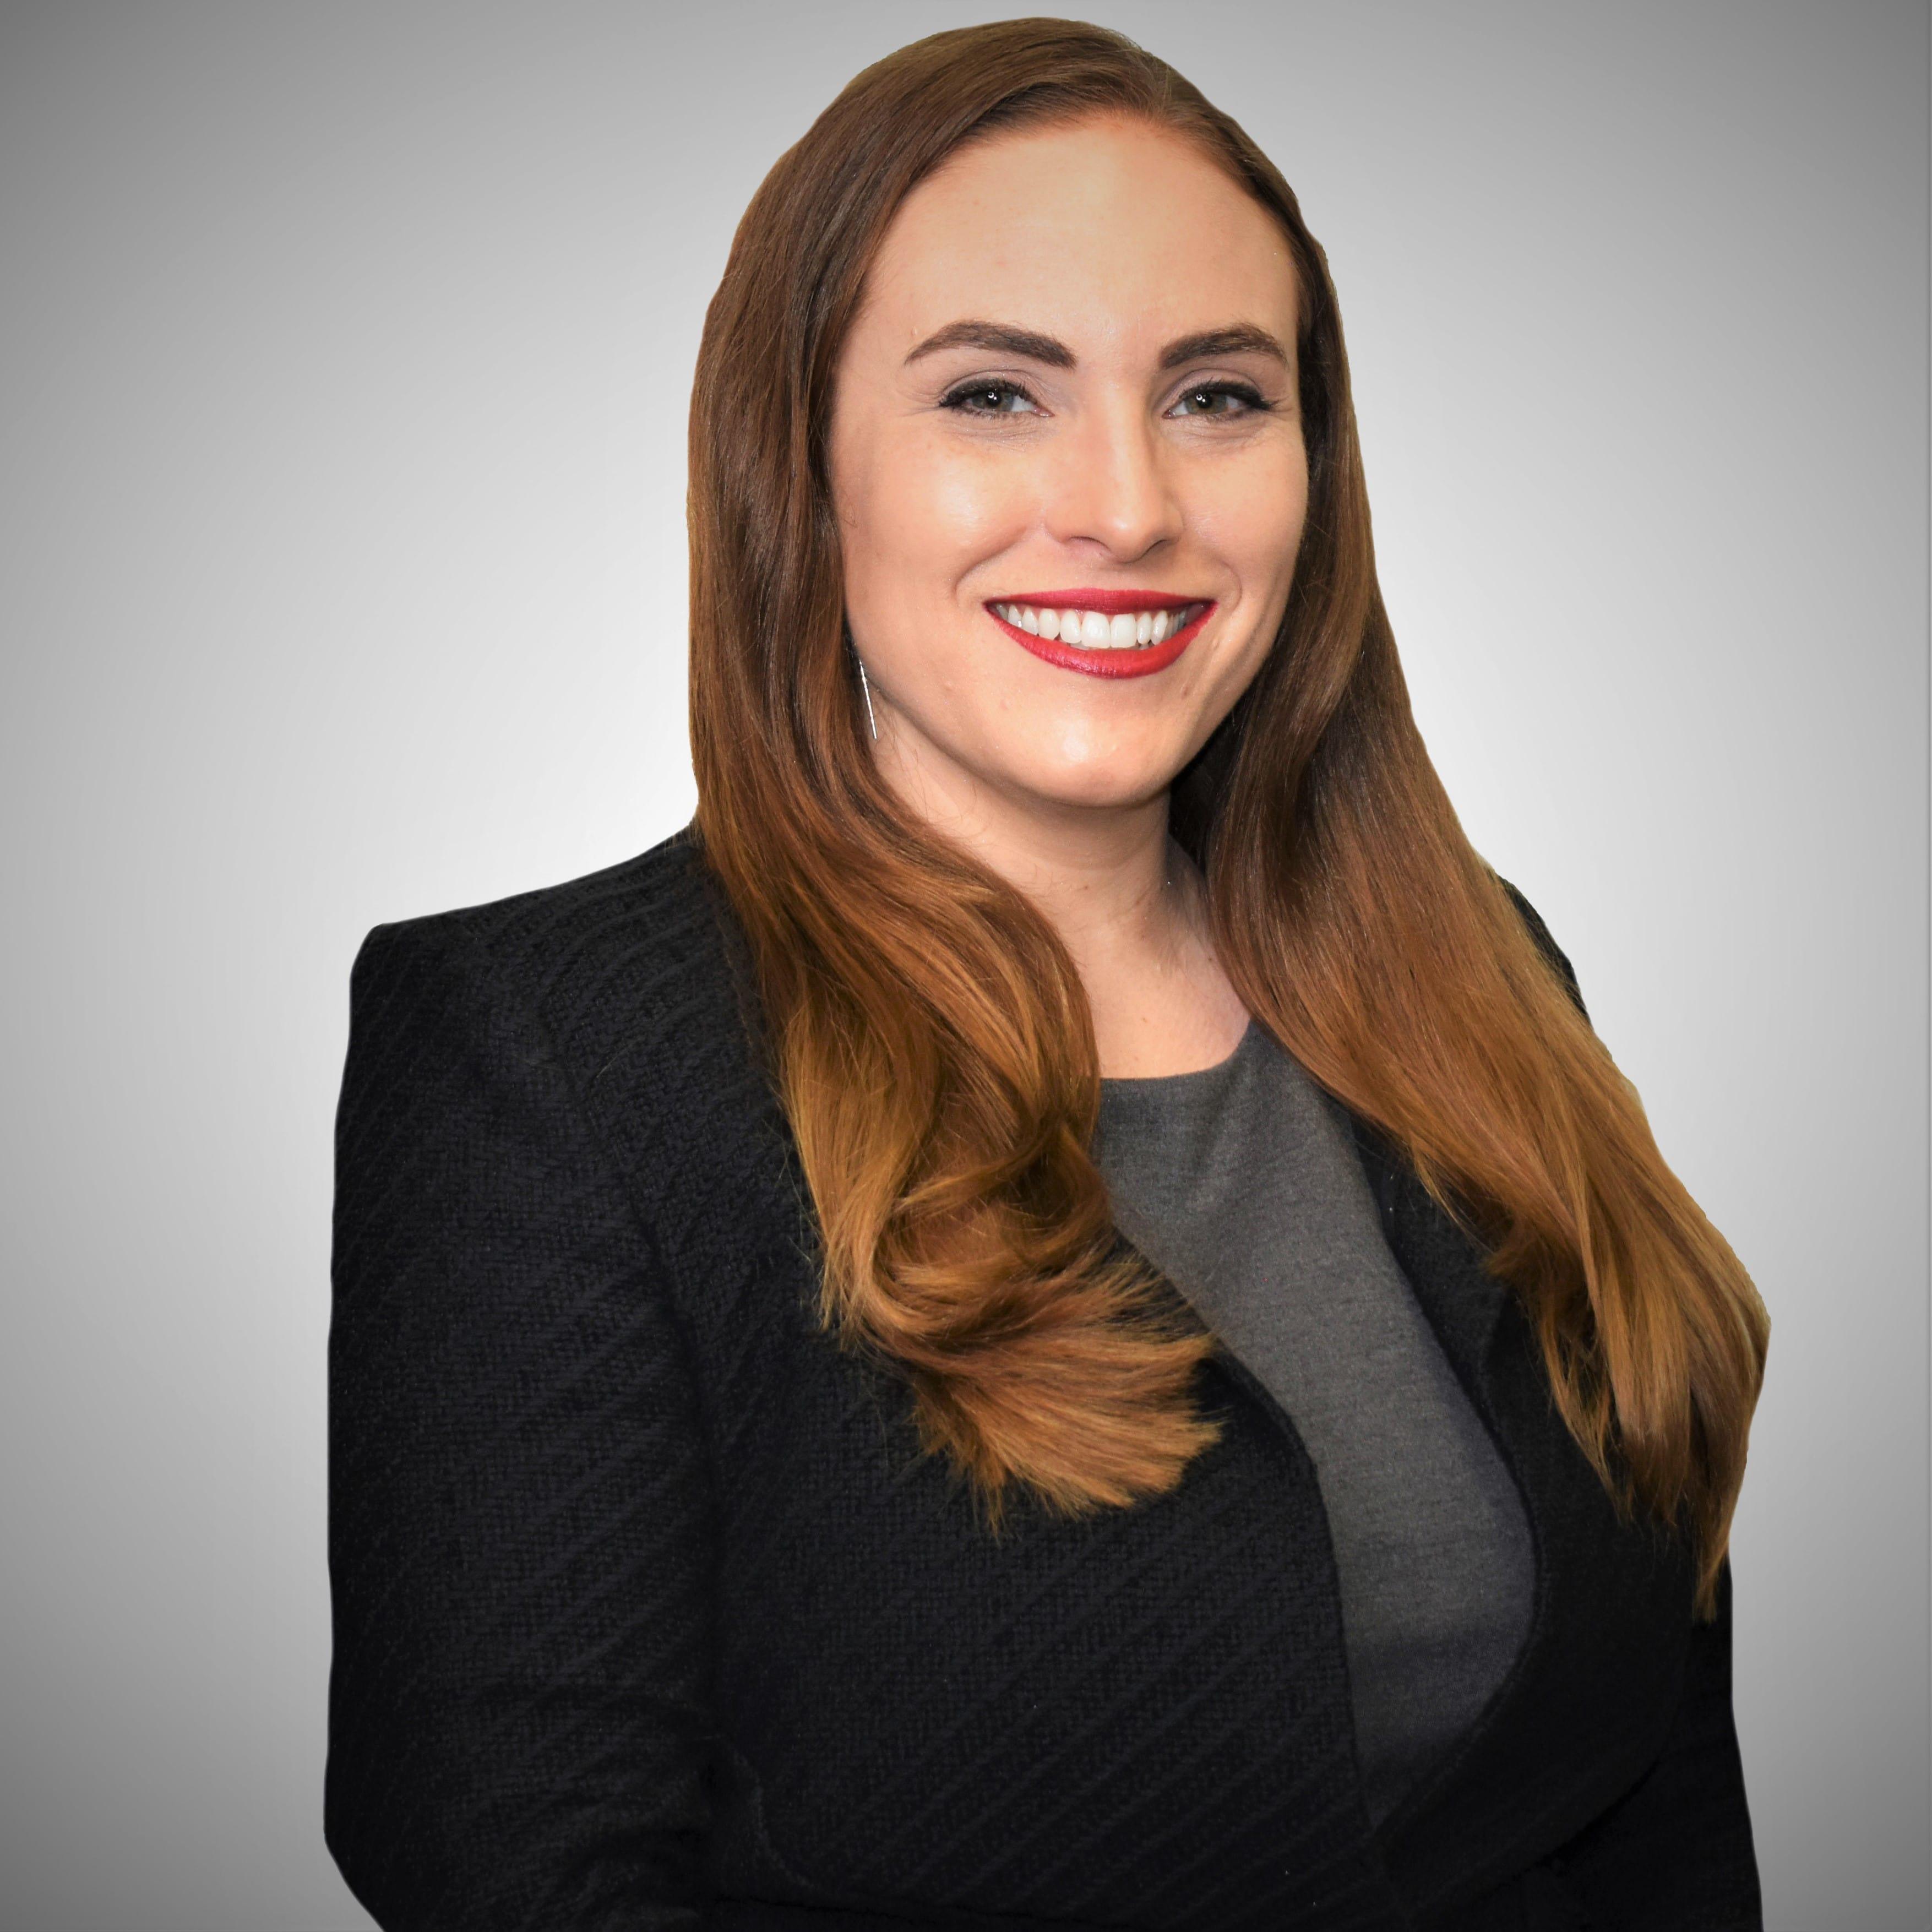 Lisa M. Ehli, MBA